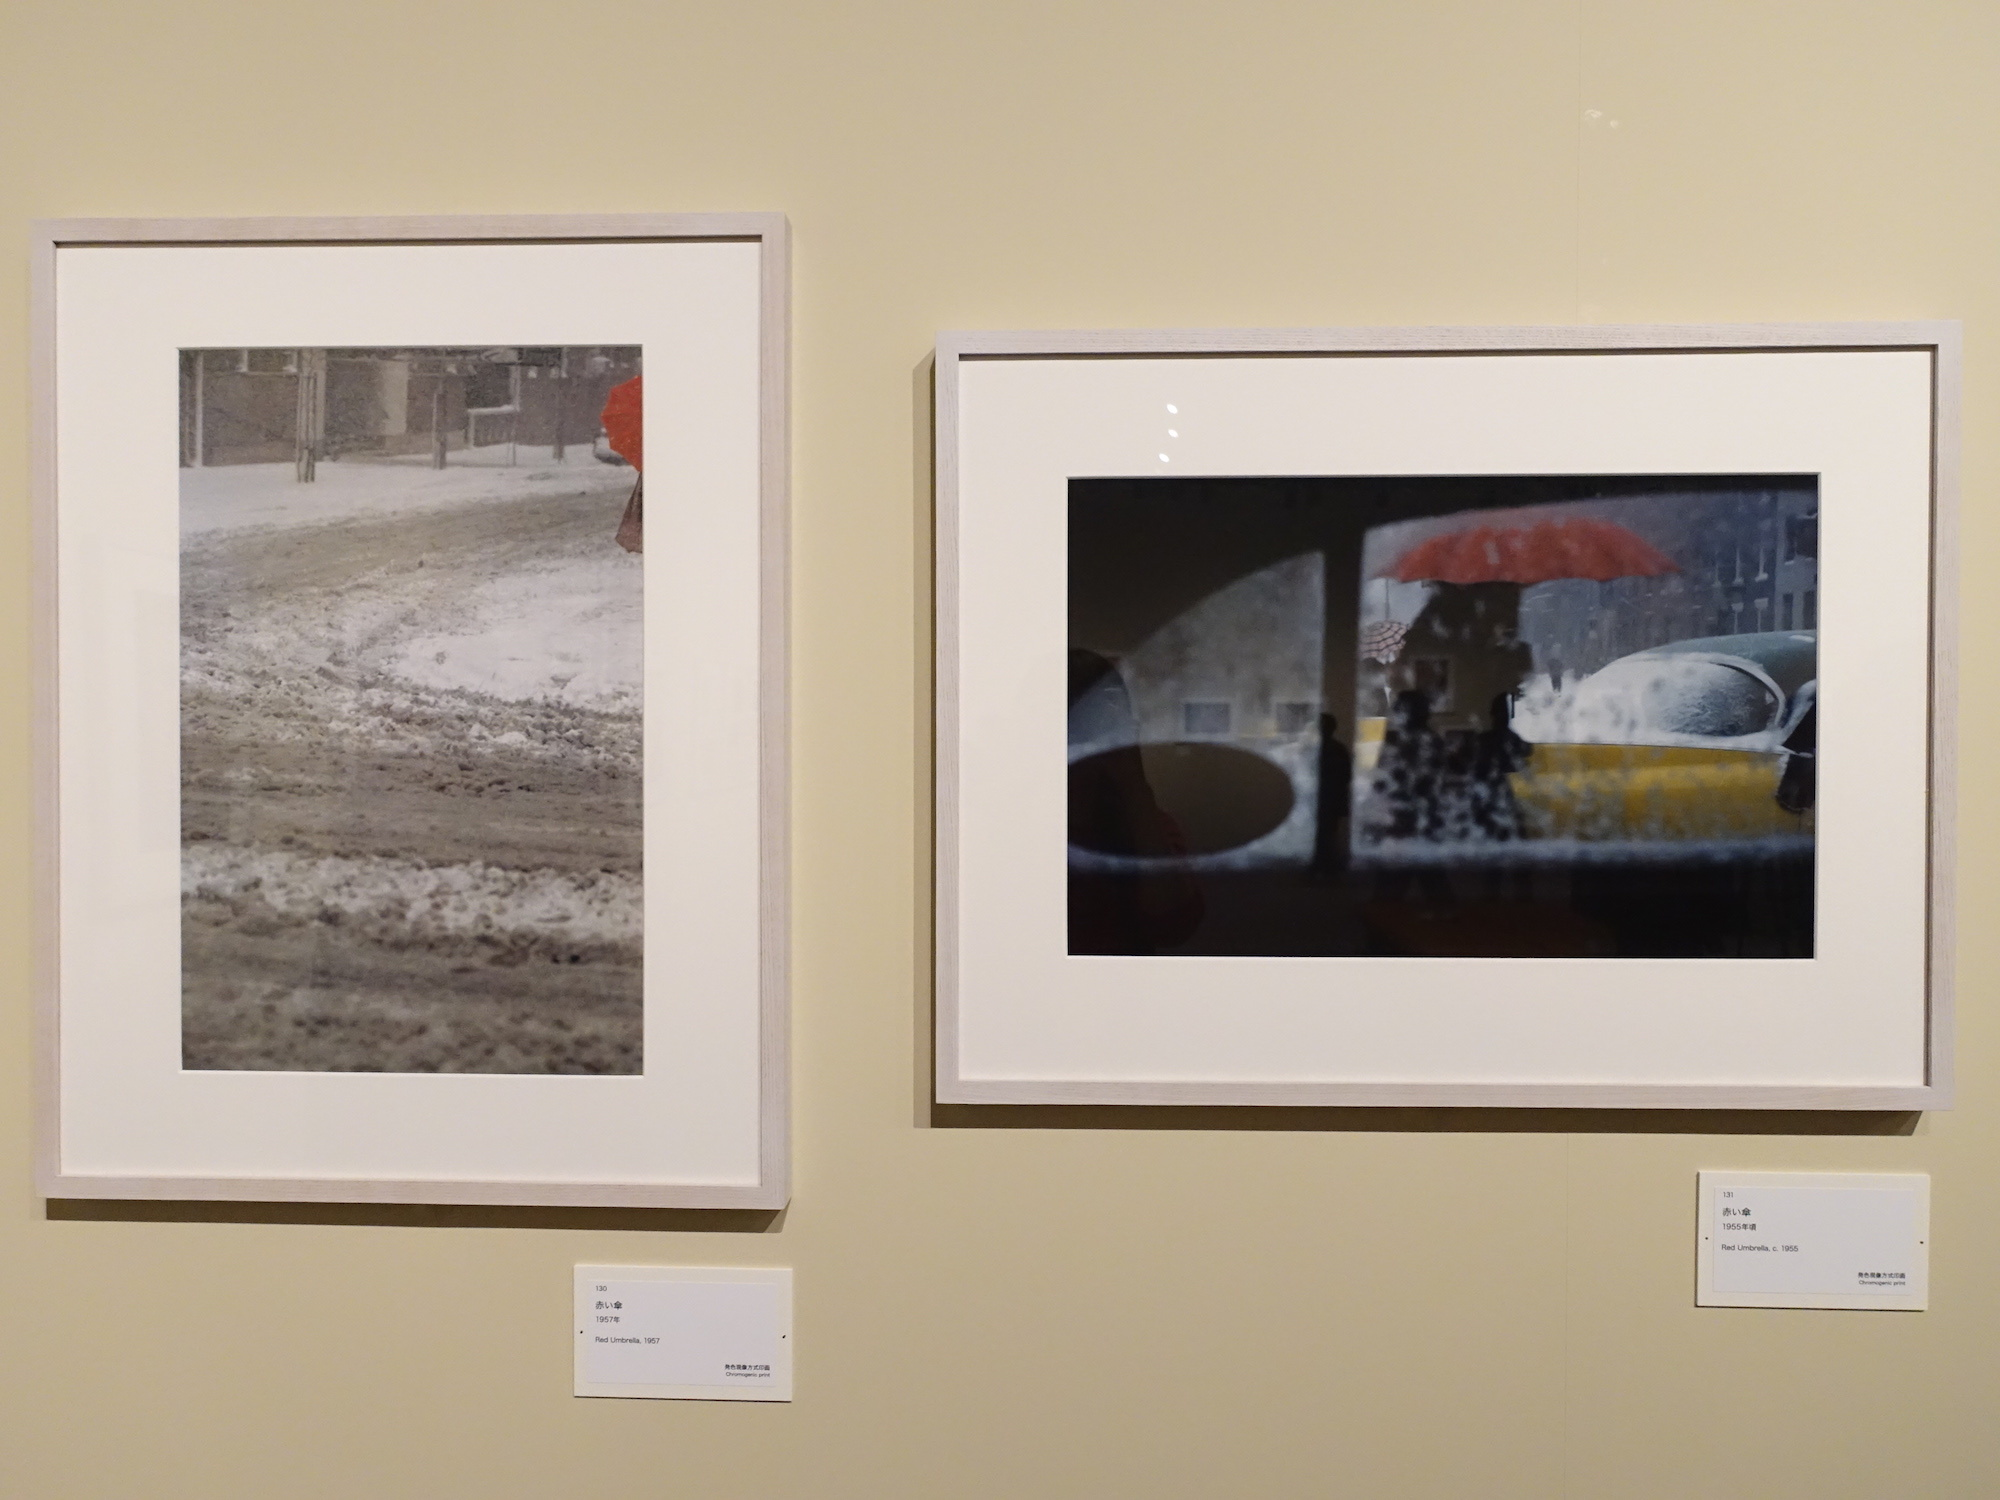 左からソール・ライター《赤い傘》1957年、《赤い傘》1955年頃